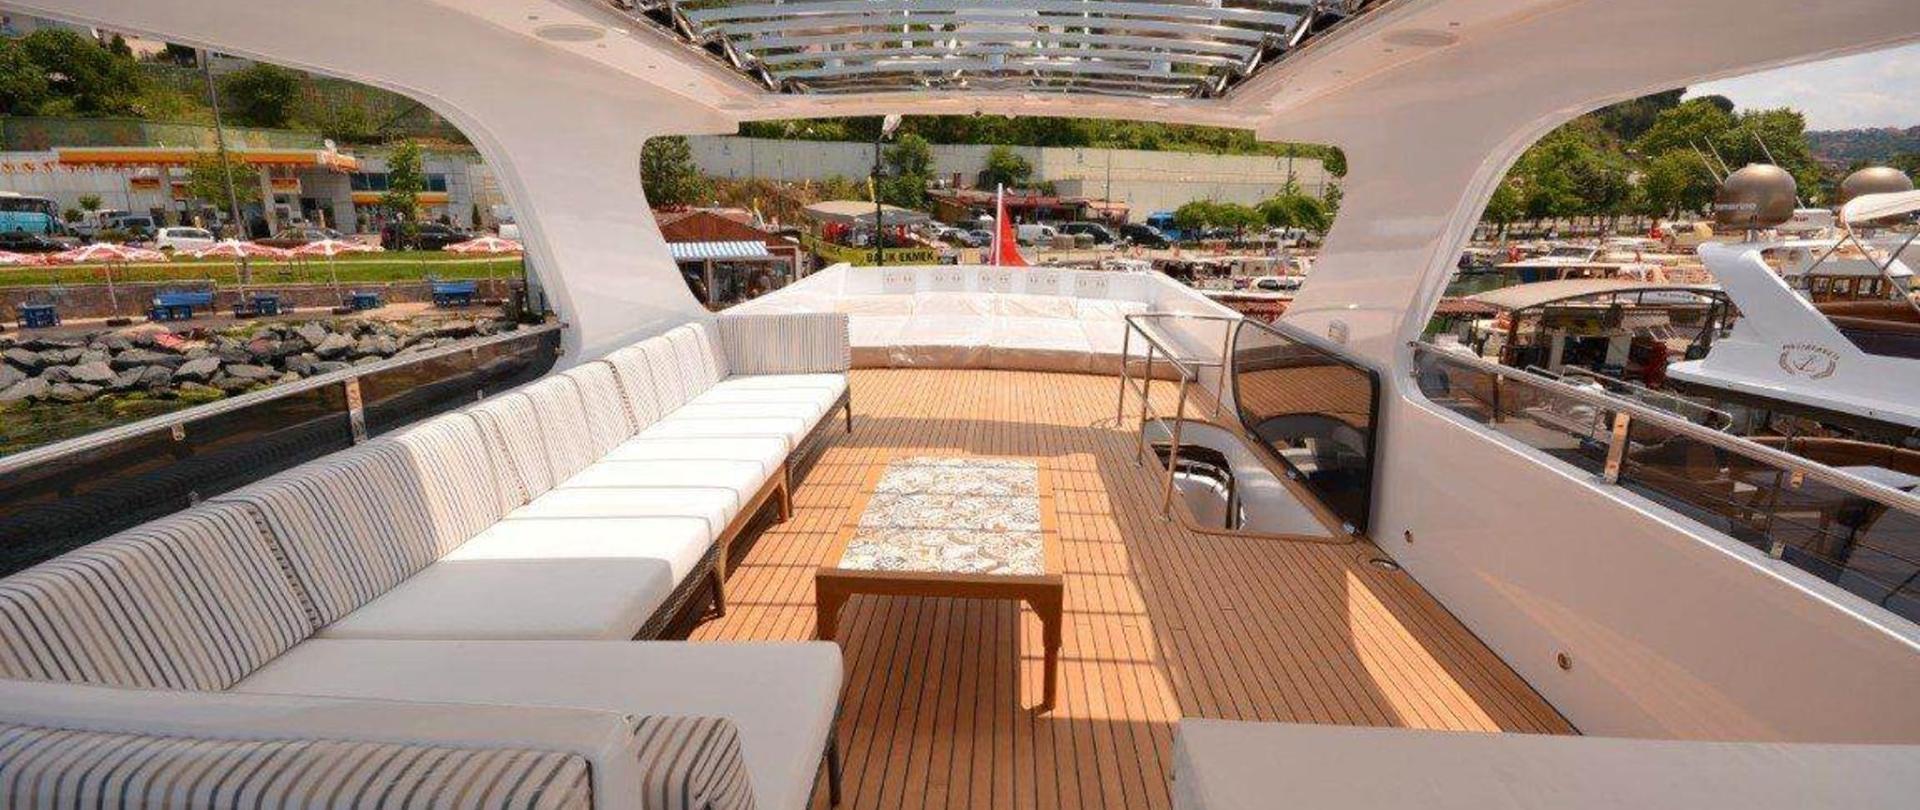 yacht-teras-3.jpg